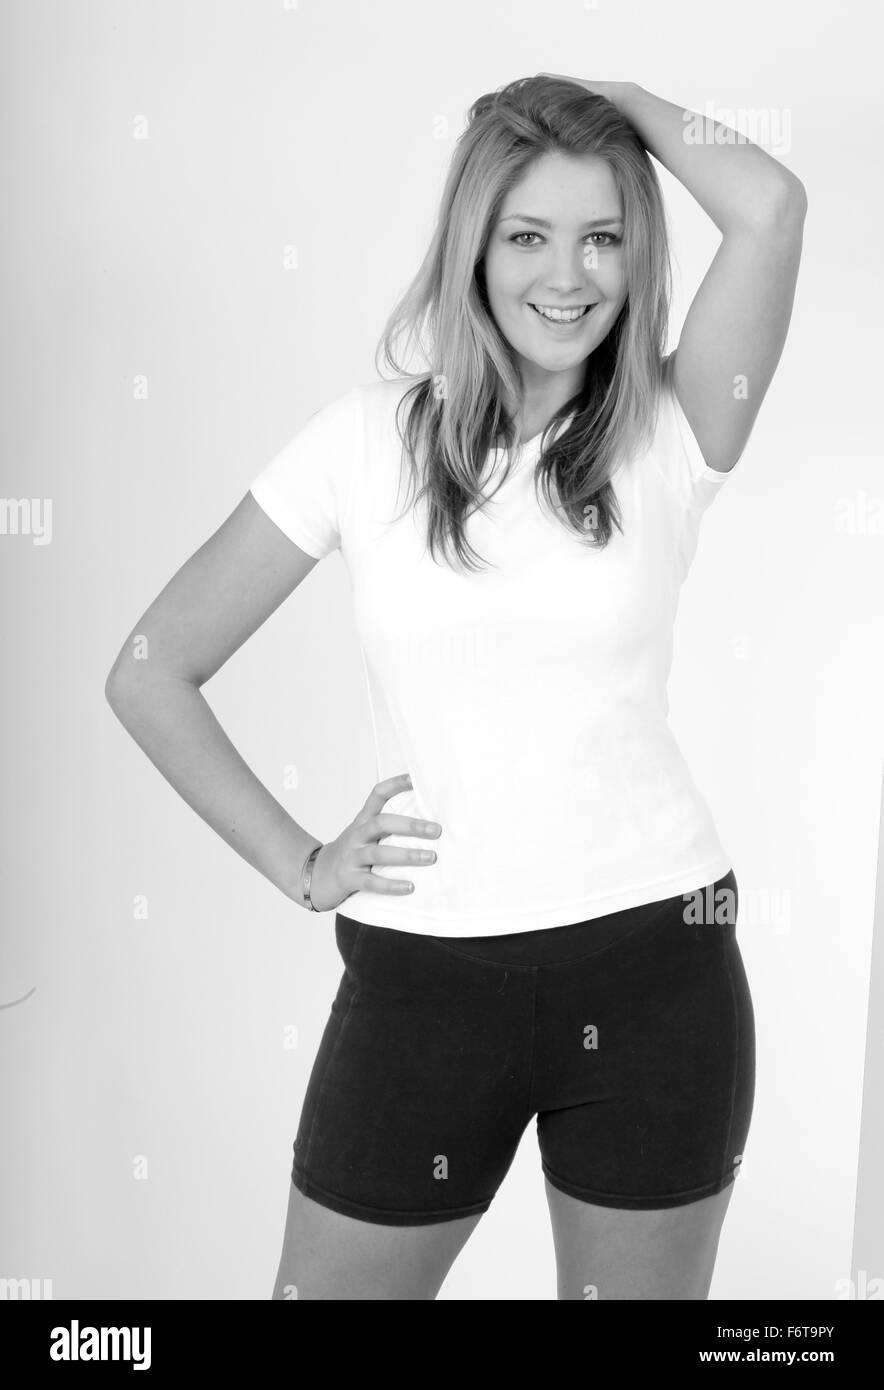 72ae15e21 Jolie jeune femme suédoise dans son tee shirt et une salle de sport ...